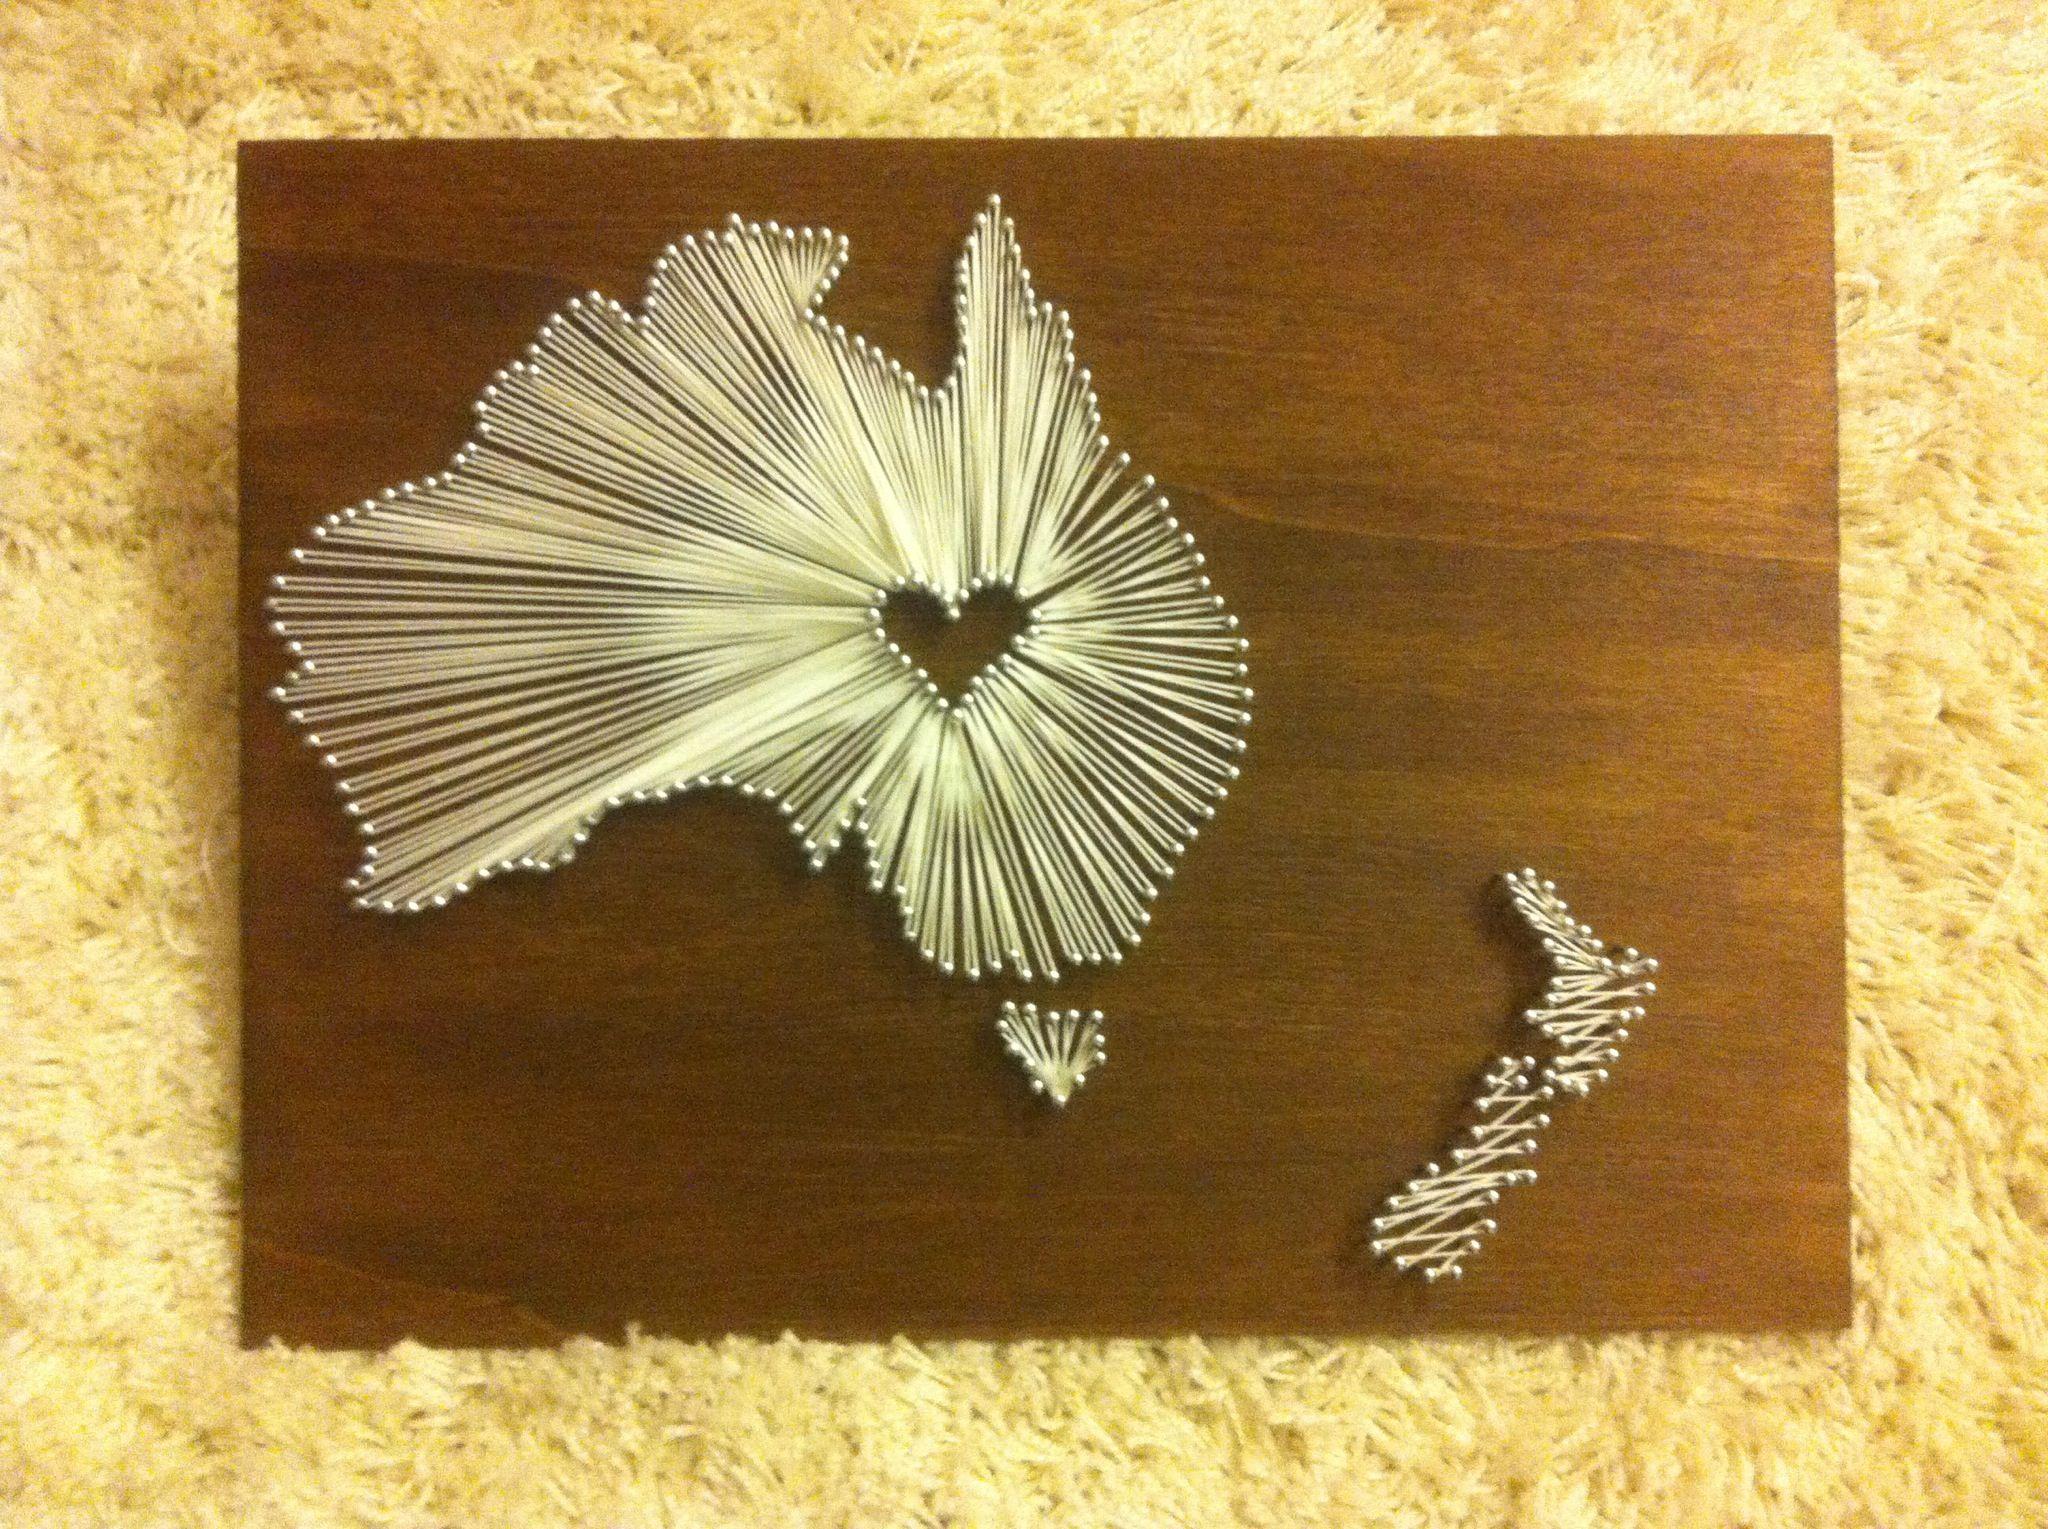 australien n gel und garn bastelideen pinterest australien garn und nagelschere. Black Bedroom Furniture Sets. Home Design Ideas